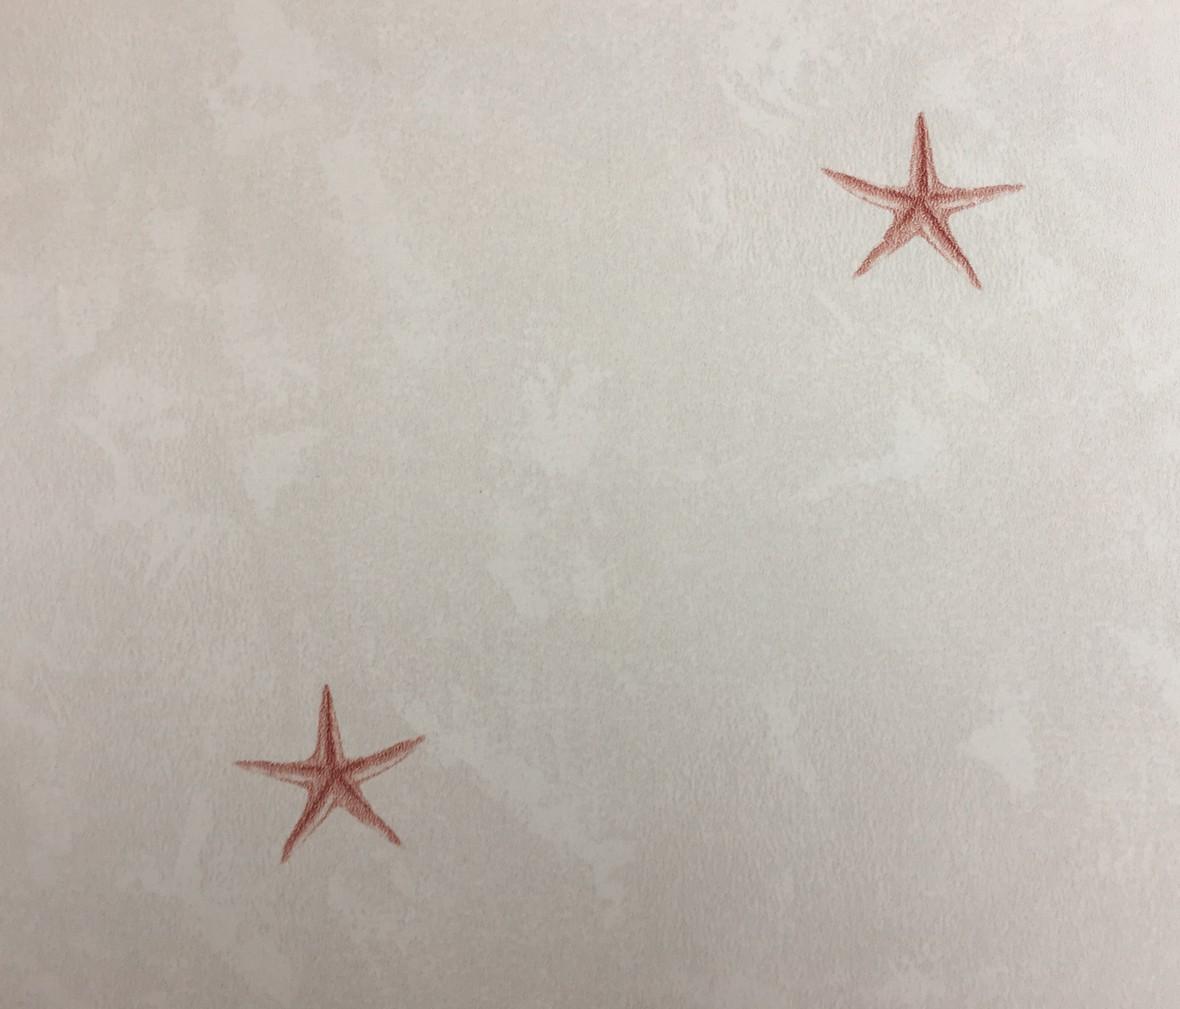 汇采壁纸 17HC-AG-1系列FN20132型号壁纸 环保纯纸墙纸 细节